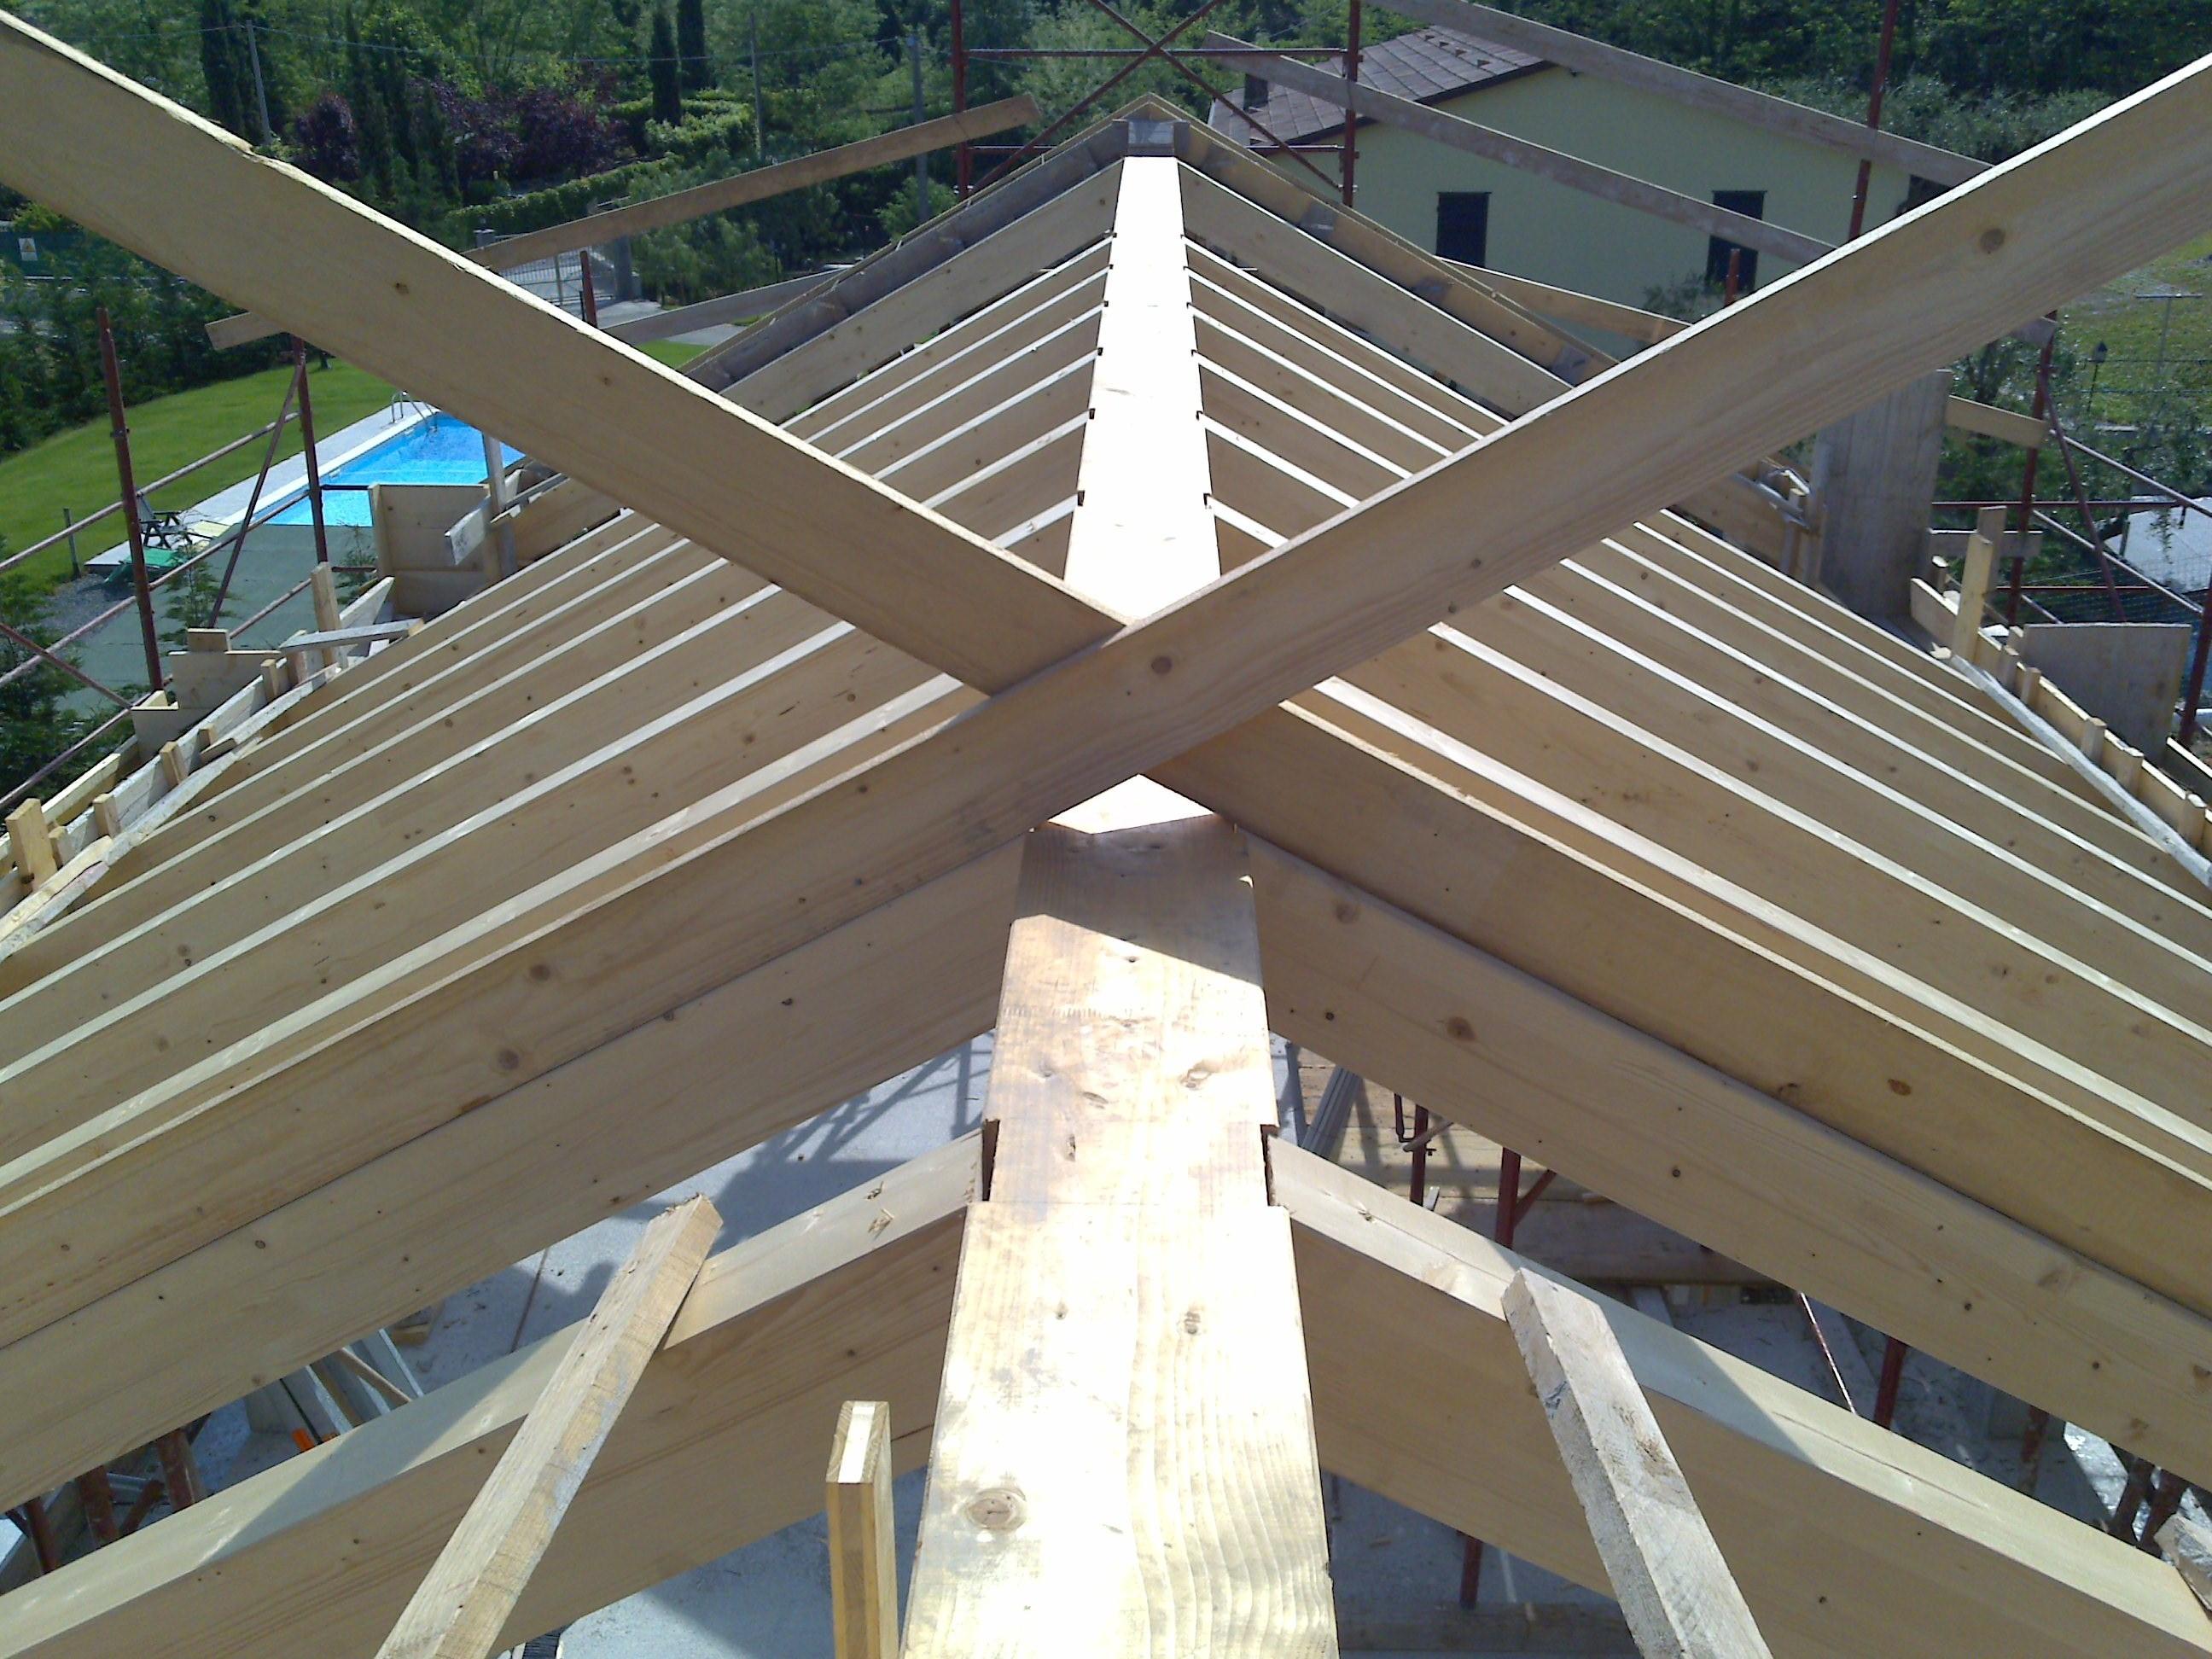 Copertura In Legno Ventilata : Tetto ventilato in legno